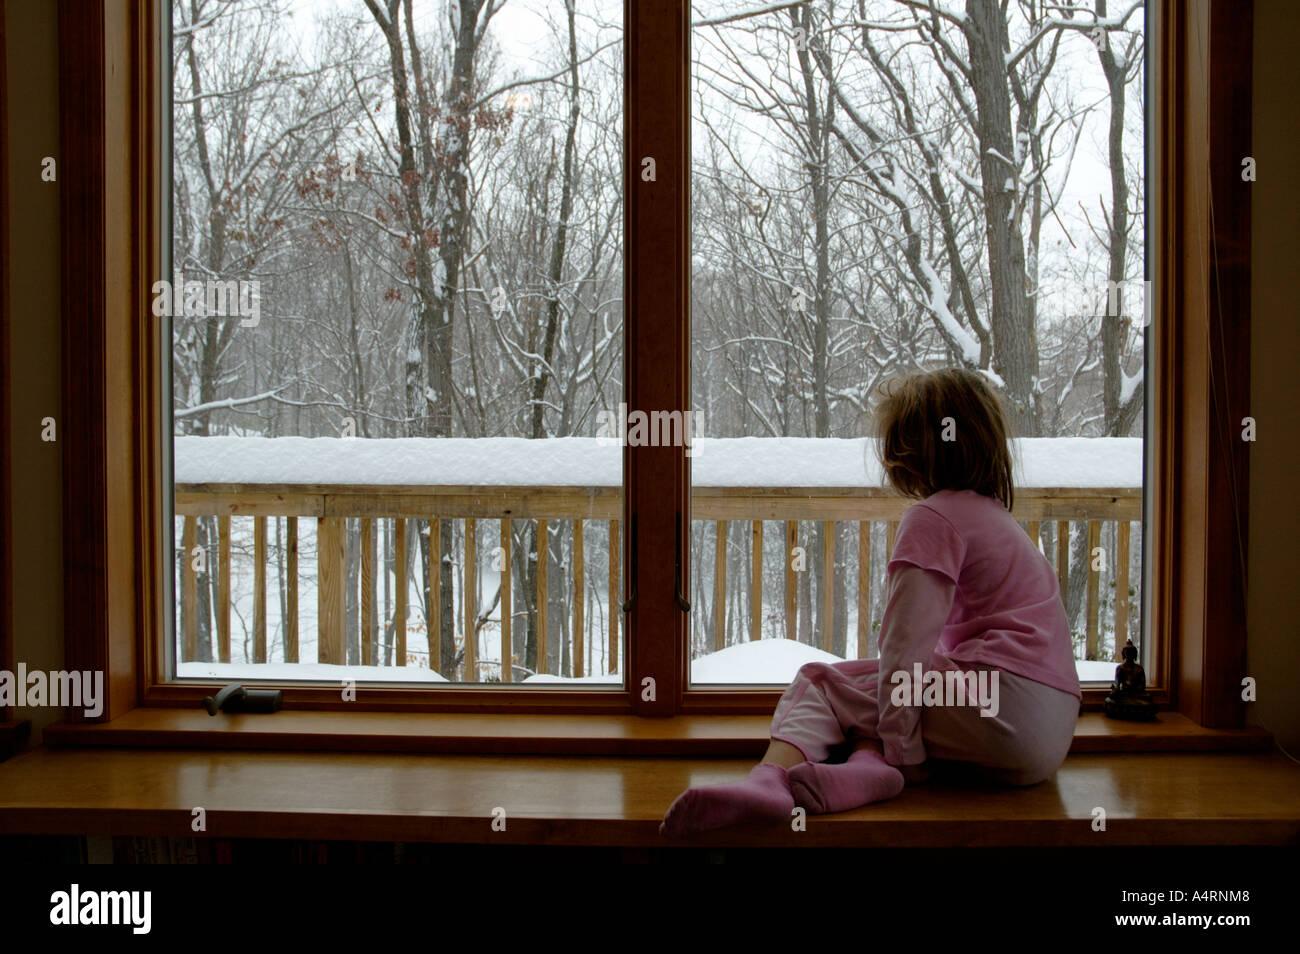 Solitario joven niña mira por la ventana en un día de nieve gris Imagen De Stock